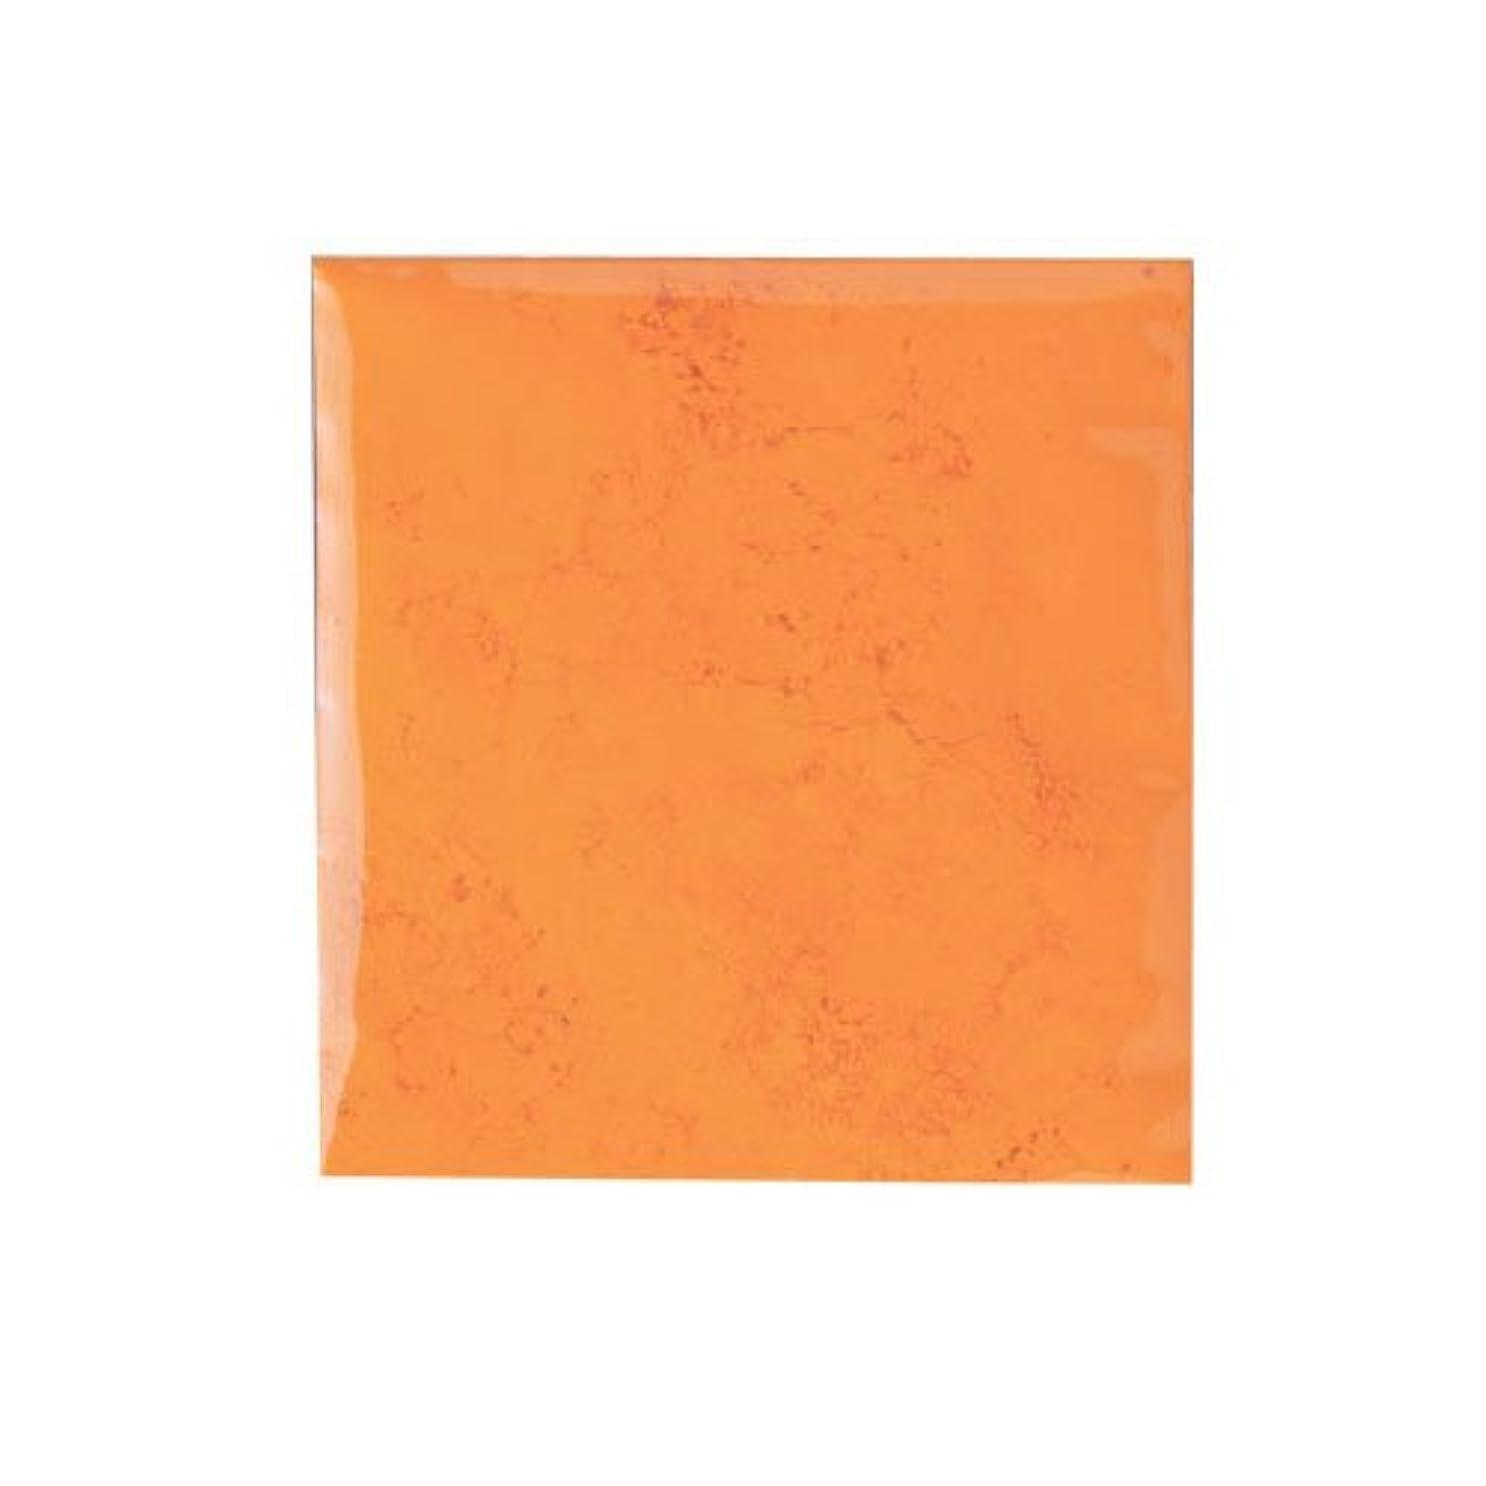 補正ファックス海峡ひもピカエース ネイル用パウダー カラーパウダー 着色顔料 #745 マリーゴールド 2g